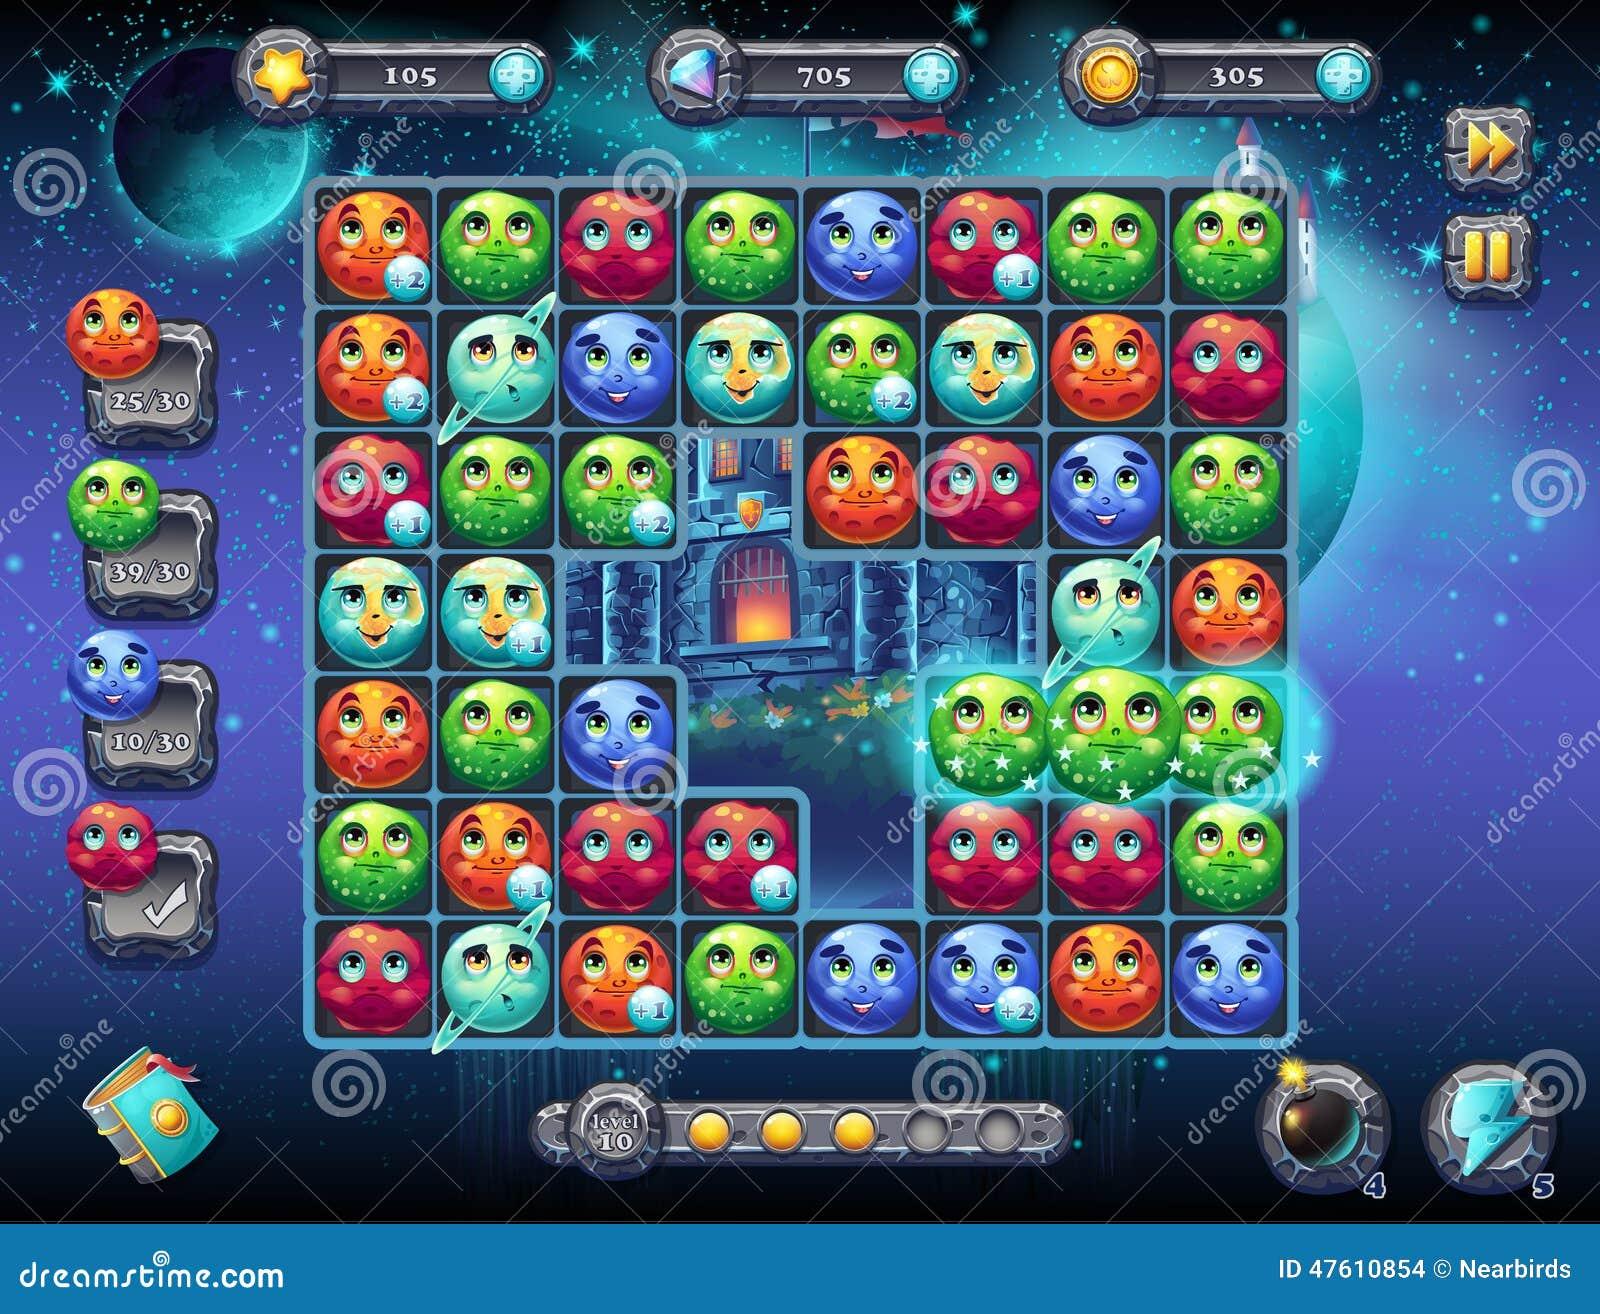 Espaço fabuloso da ilustração com a imagem da tela do jogo com a relação do campo de ação do jogo com os planetas do divertimento